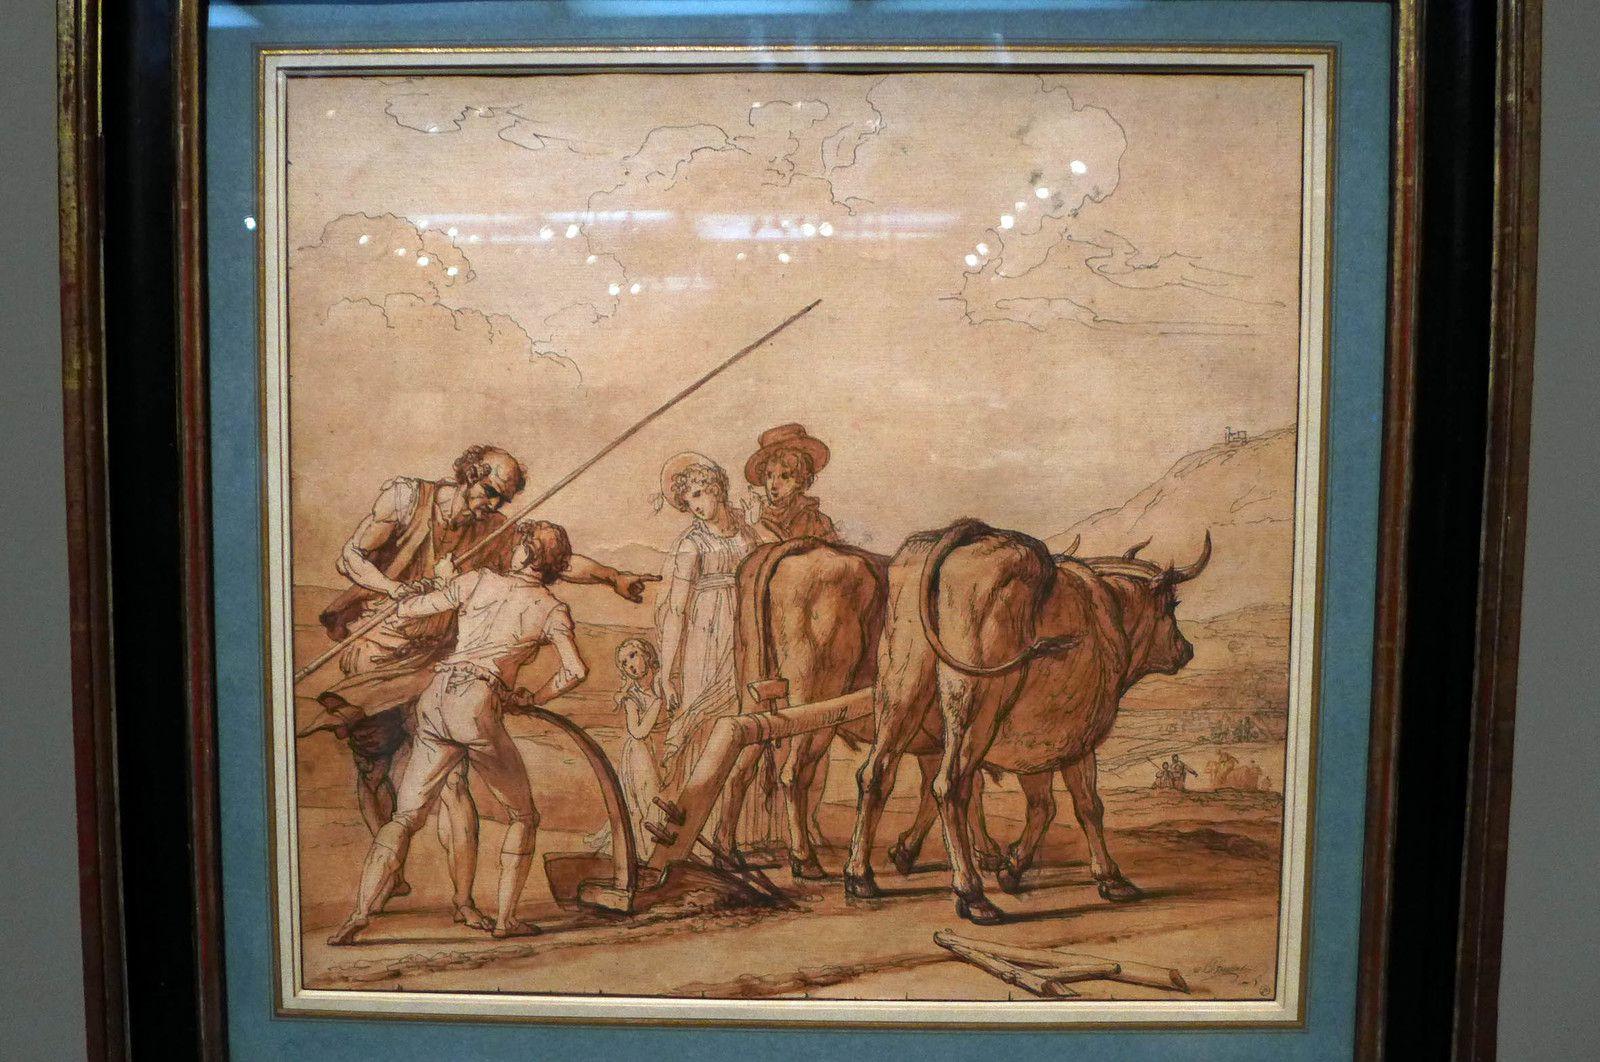 François-André VINCENT, La Leçon d'agriculture (plume et encre brune, lavis brun sur traits de sanguine)